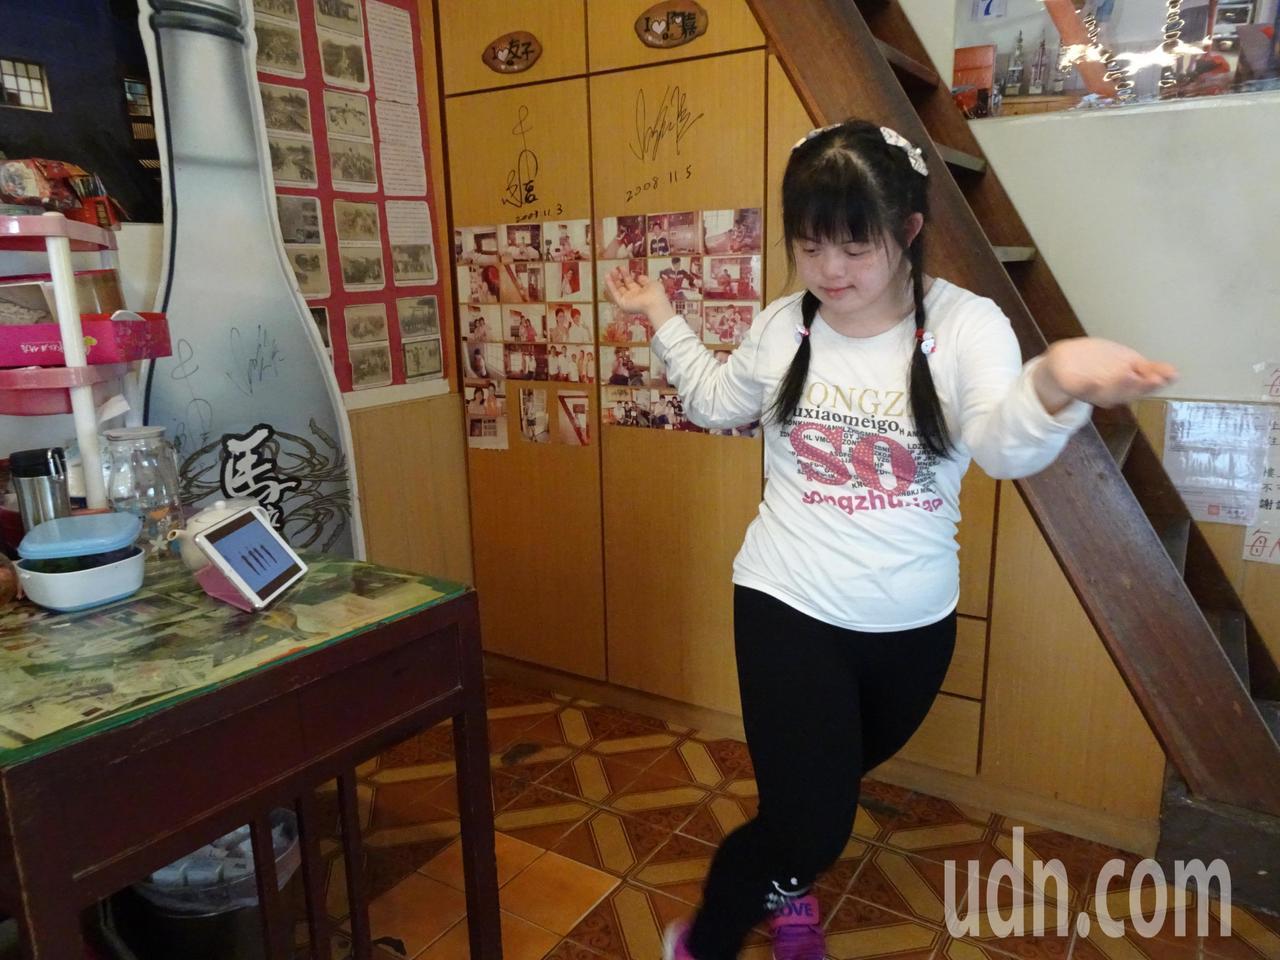 屏東恆春「阿嘉的家」屋主張永源的「唐寶寶」女兒張綾,每天下午自己滑平板電腦學熱舞...